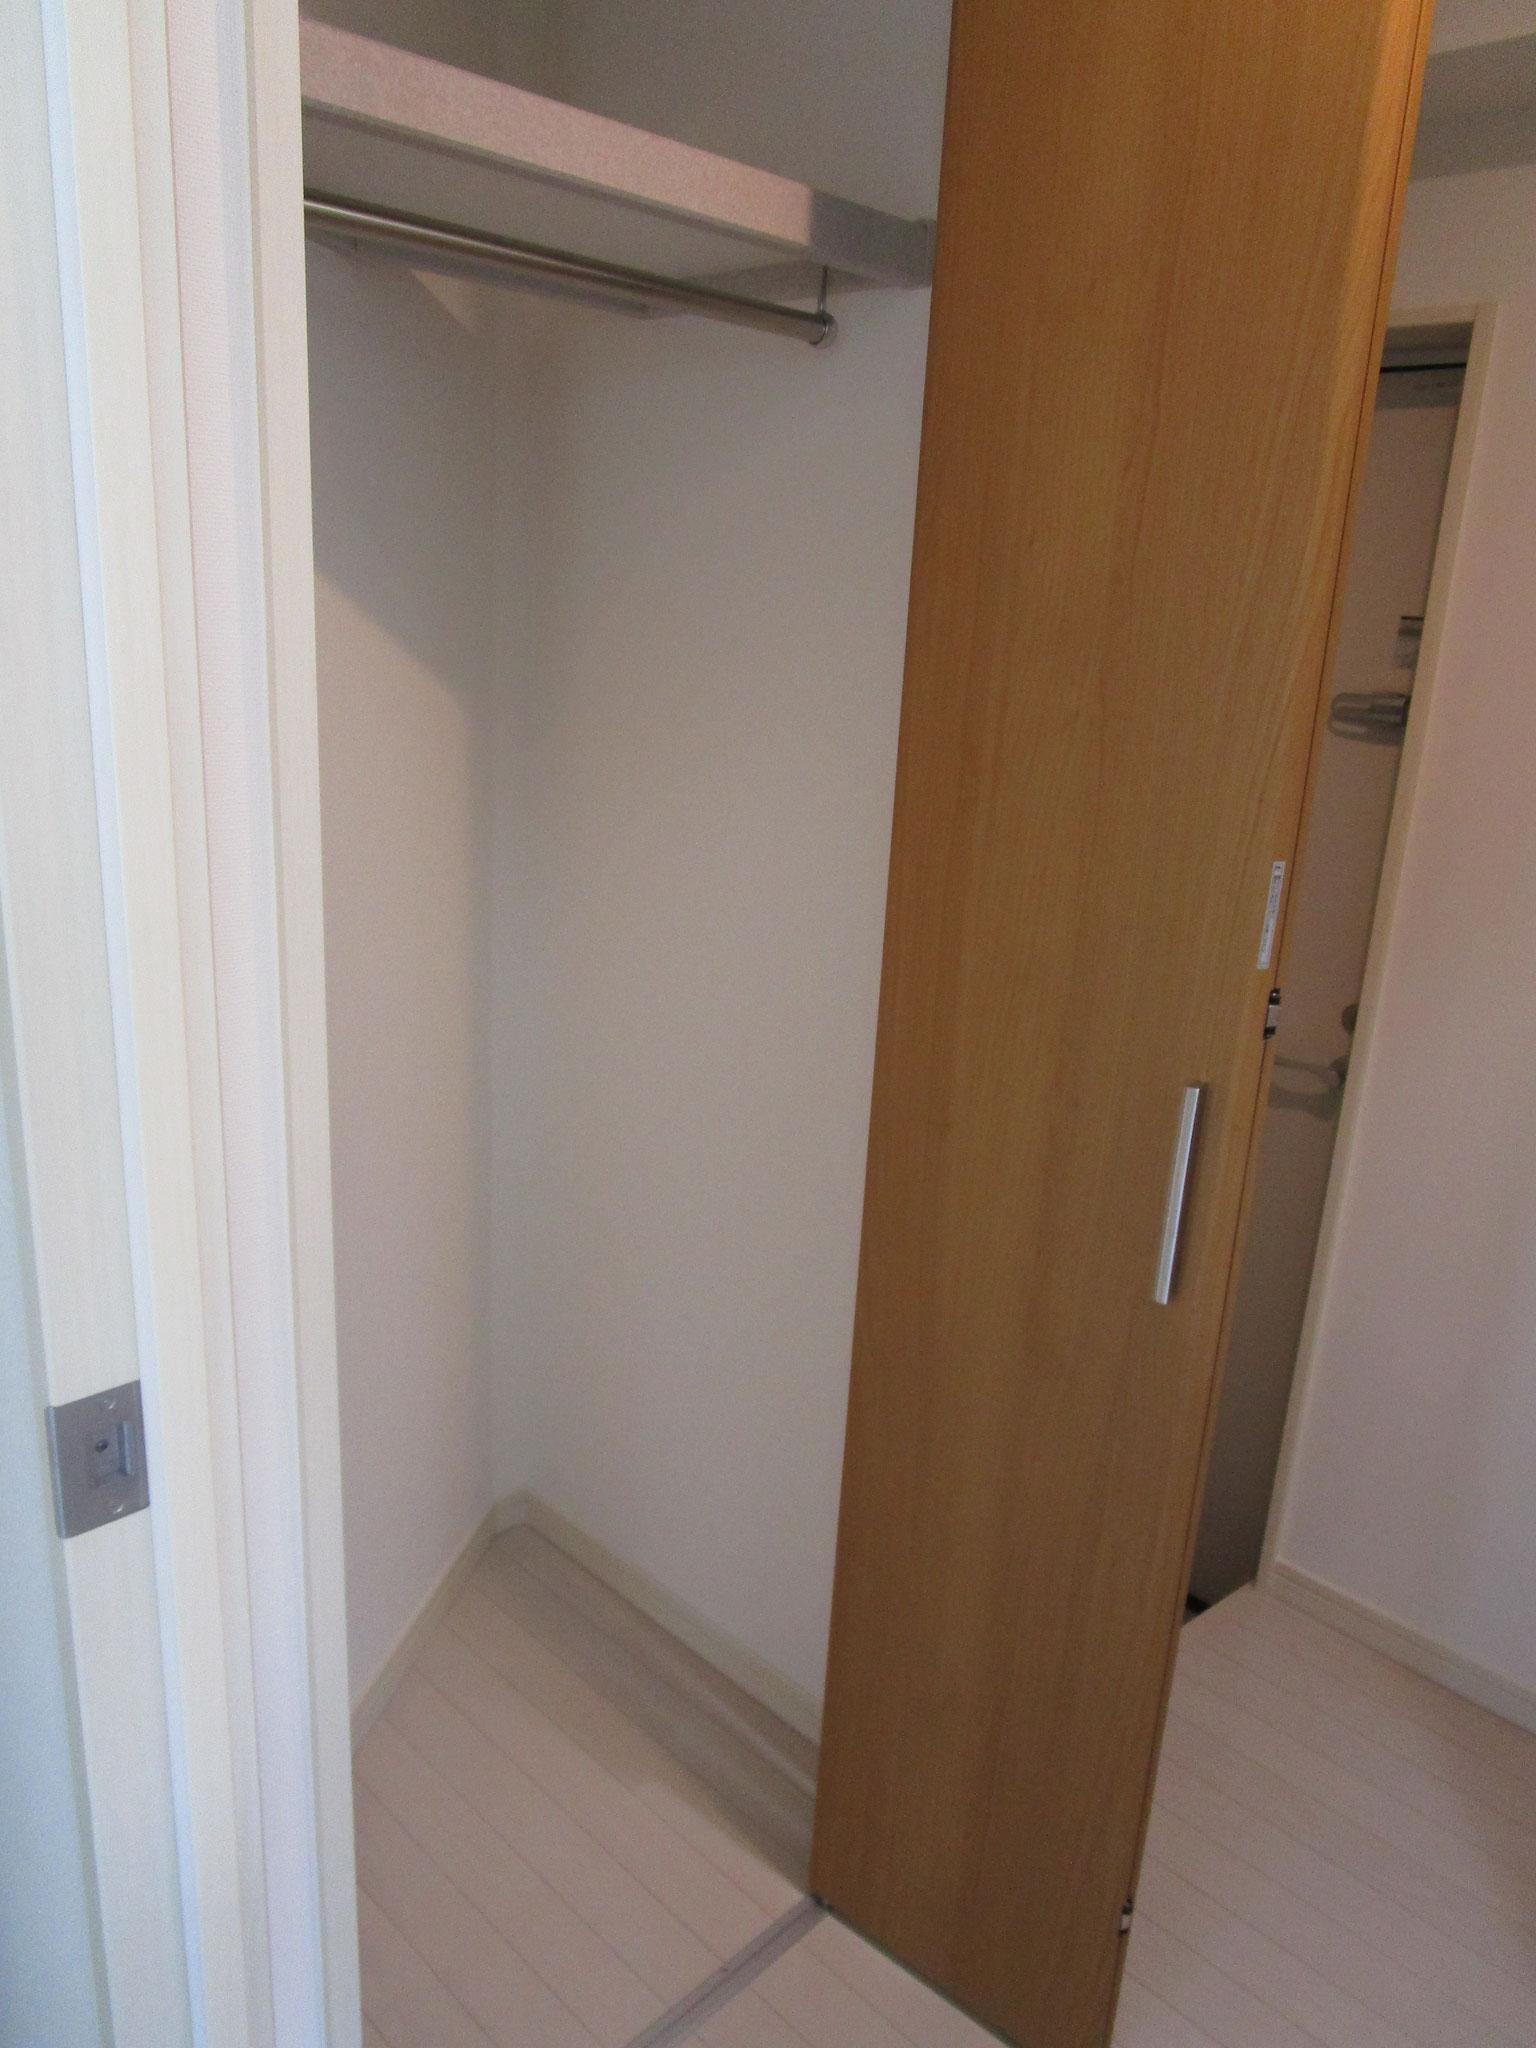 キッチンと向かい合わせに扉付きの収納があります